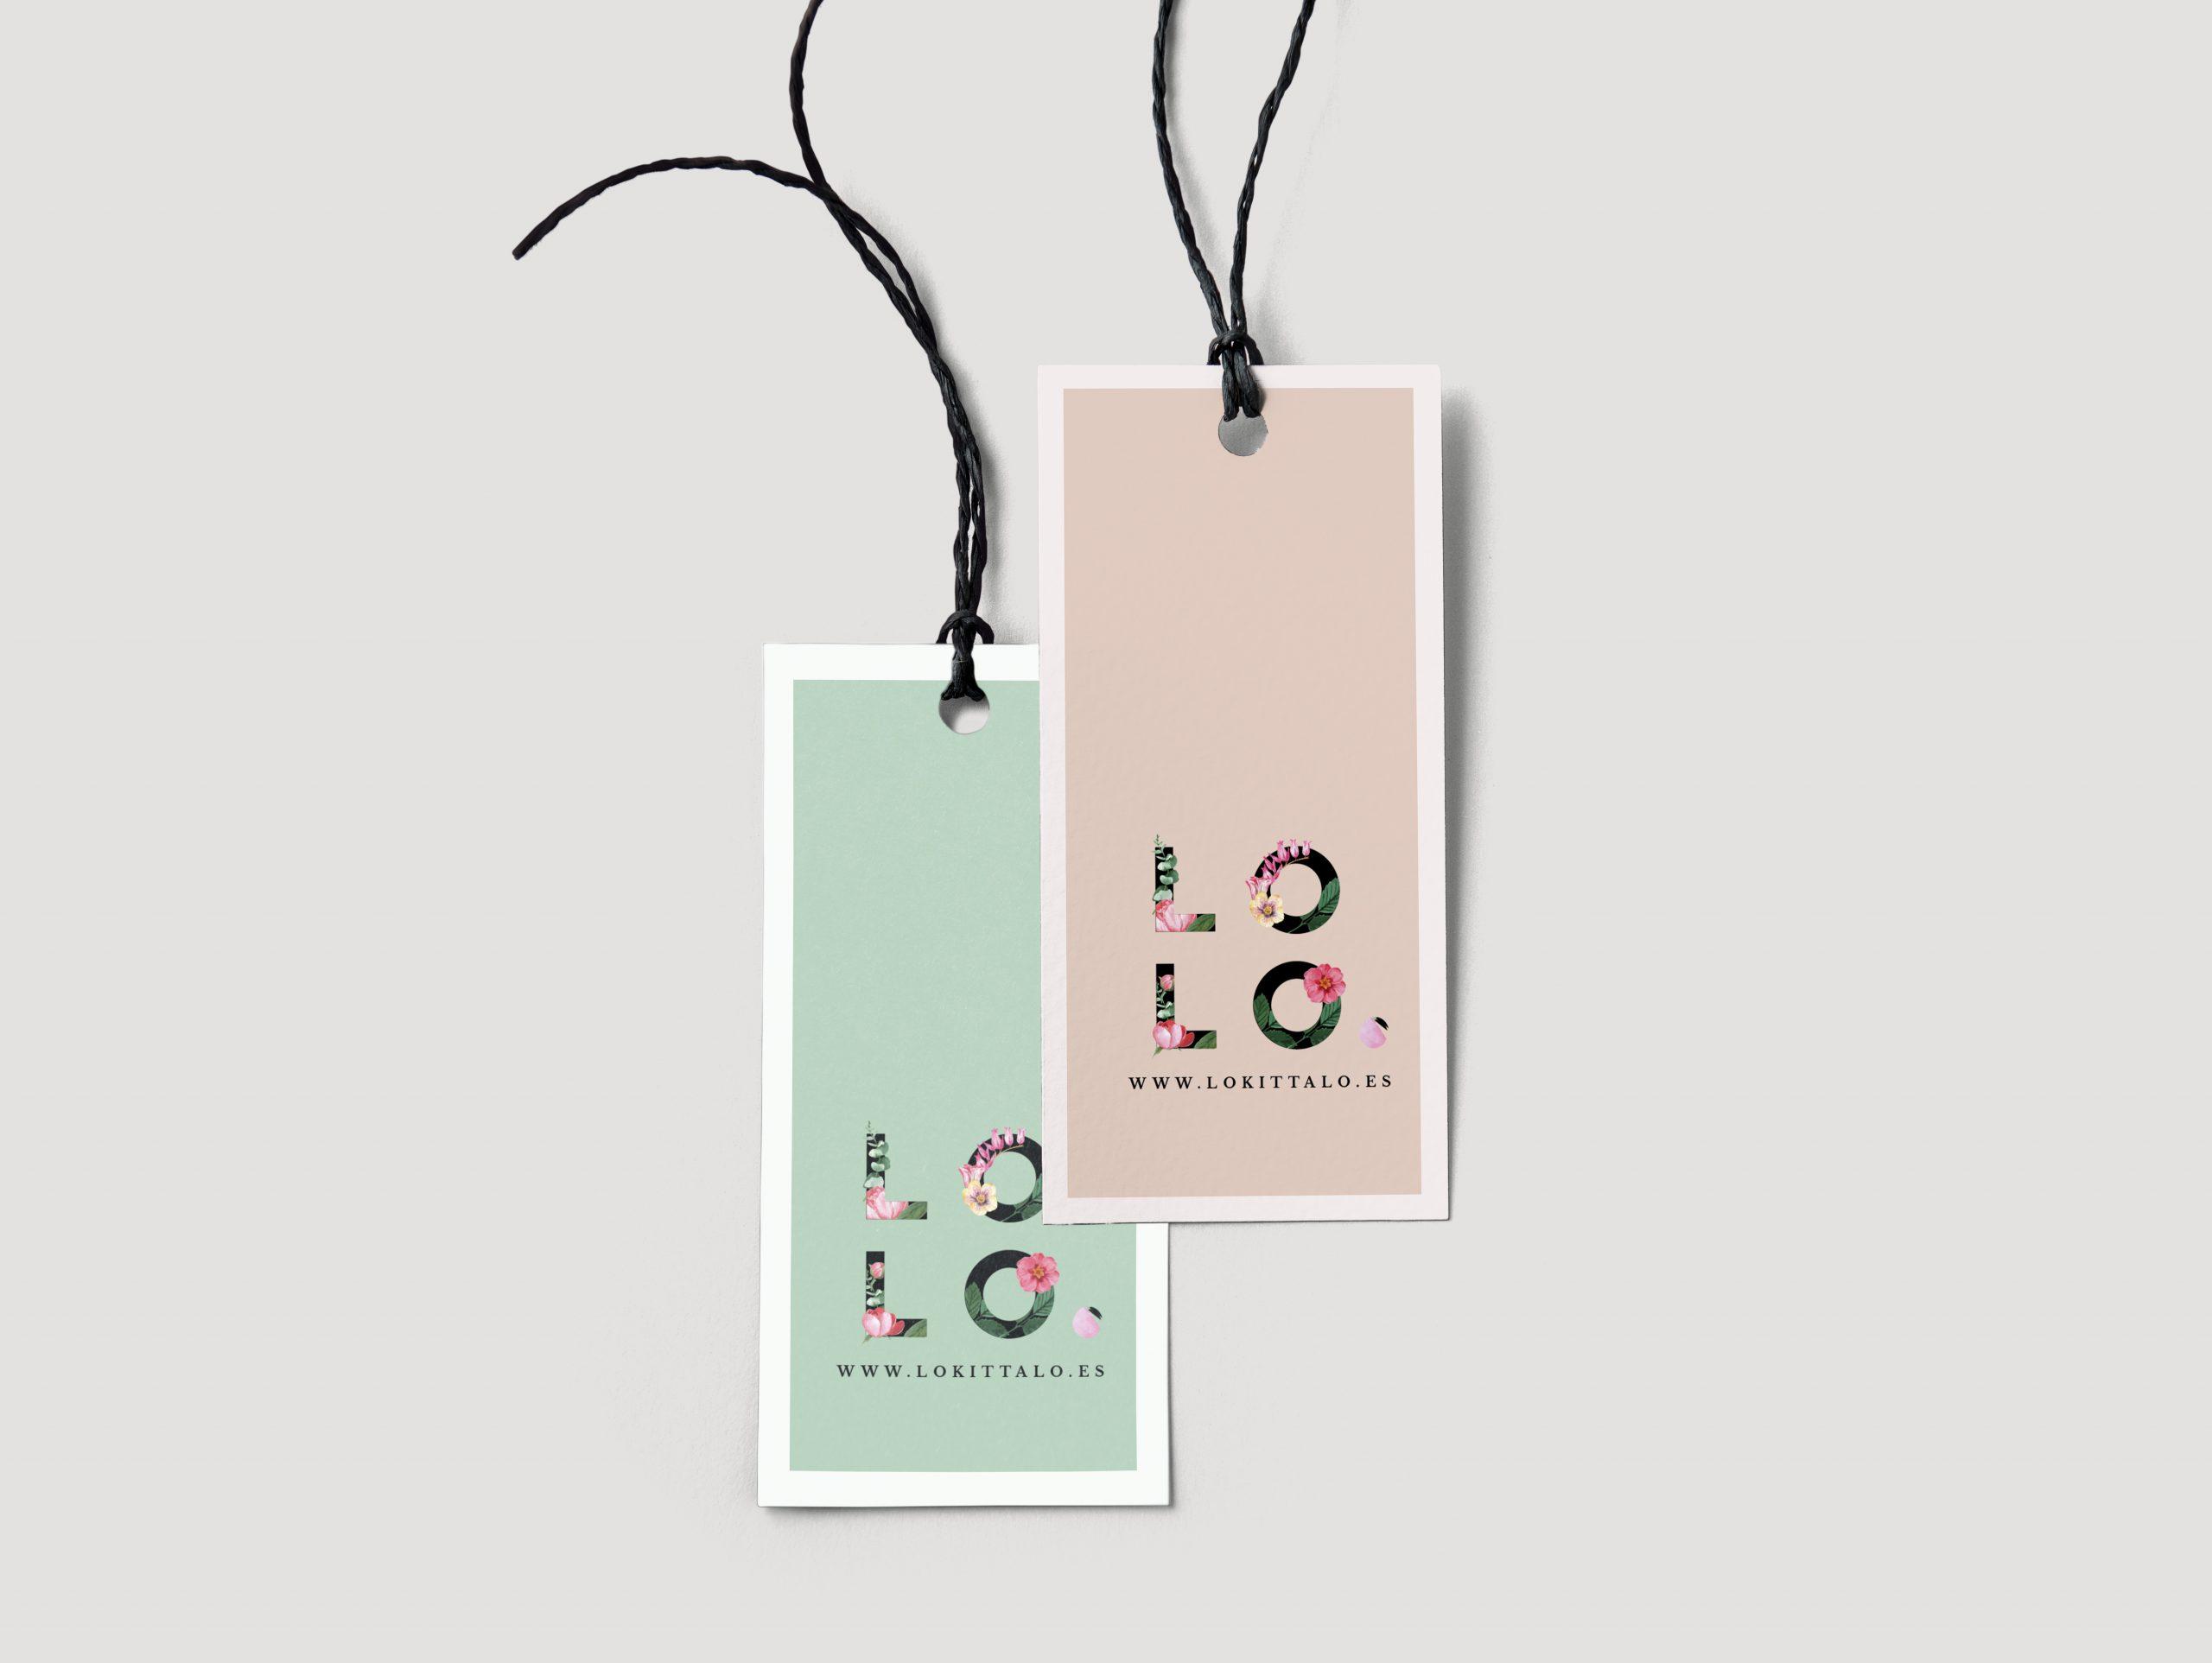 pair of fashion label tags logo design by Pau Vitti